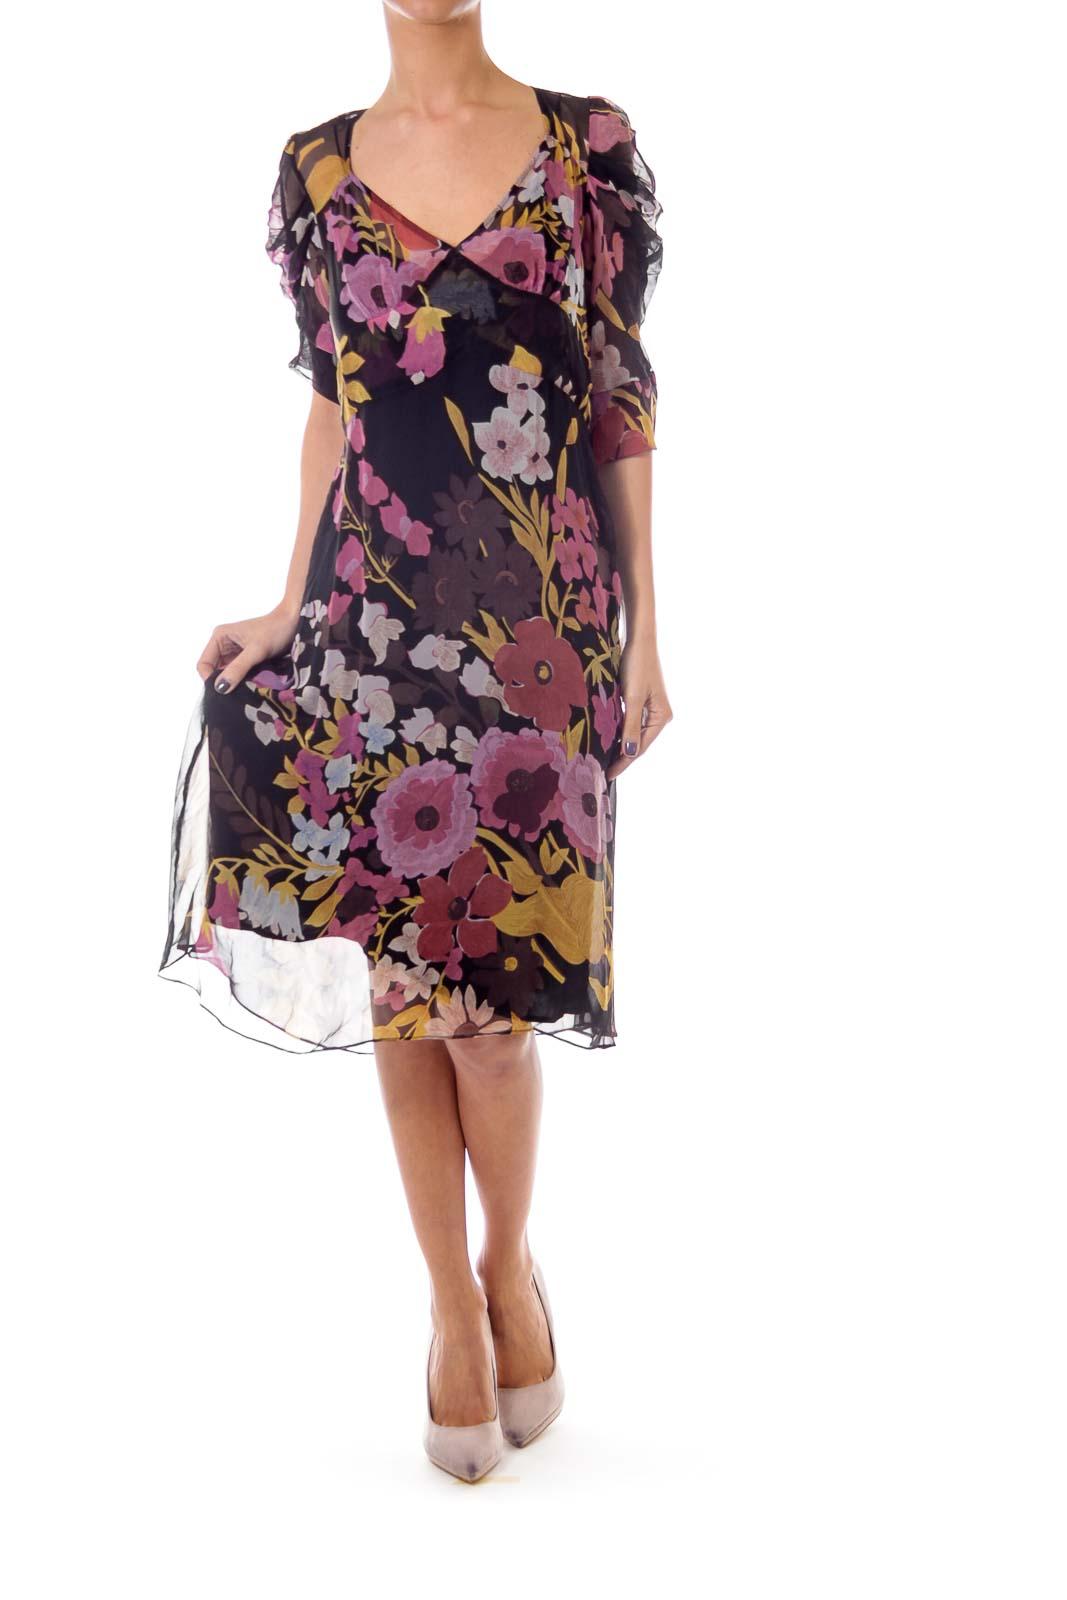 Black Flower Print See Through Dress